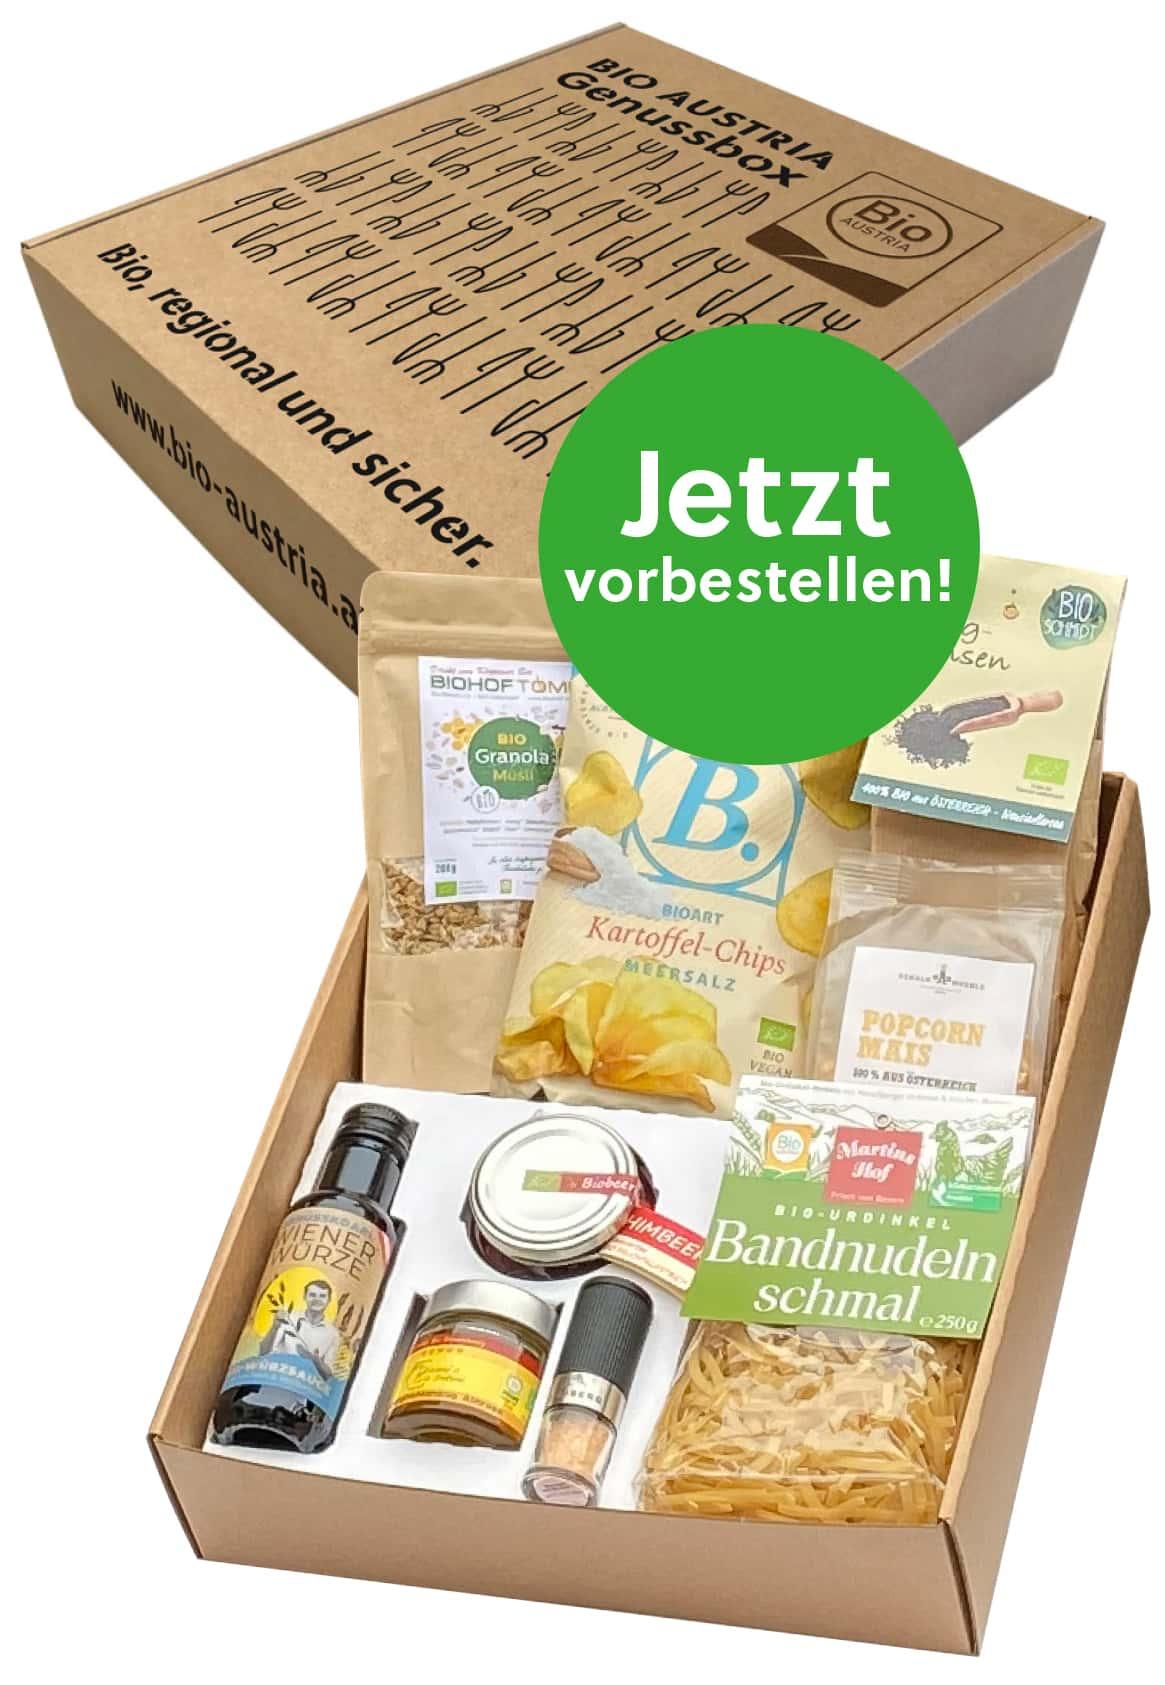 BIO AUSTRIA Genussbox jetzt besetellen